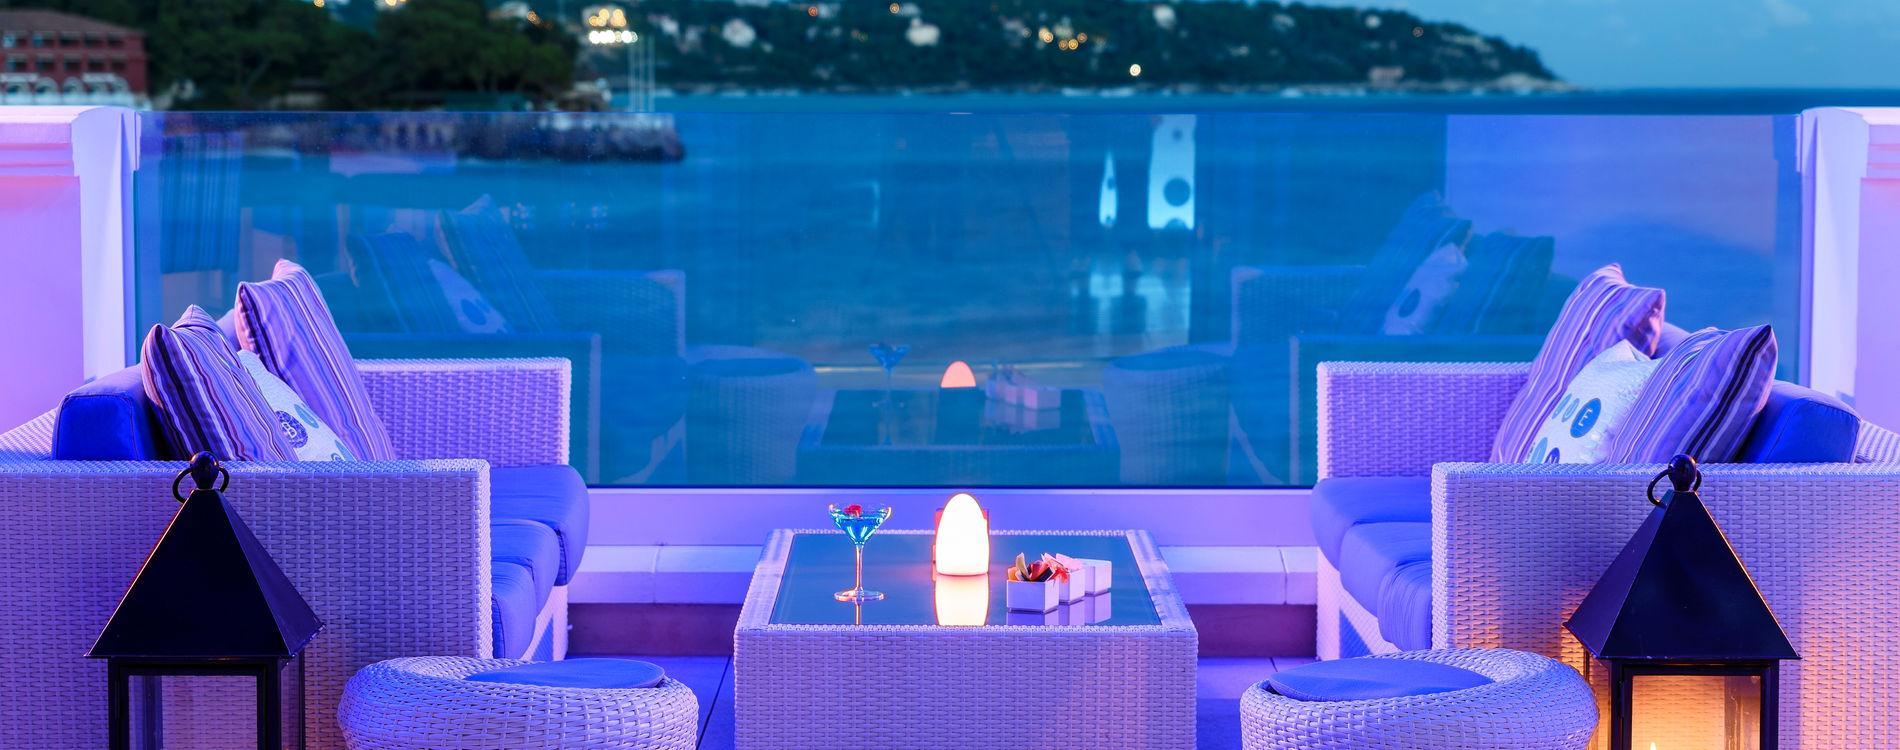 Monte-Carlo Bay - Blue Gin Bar